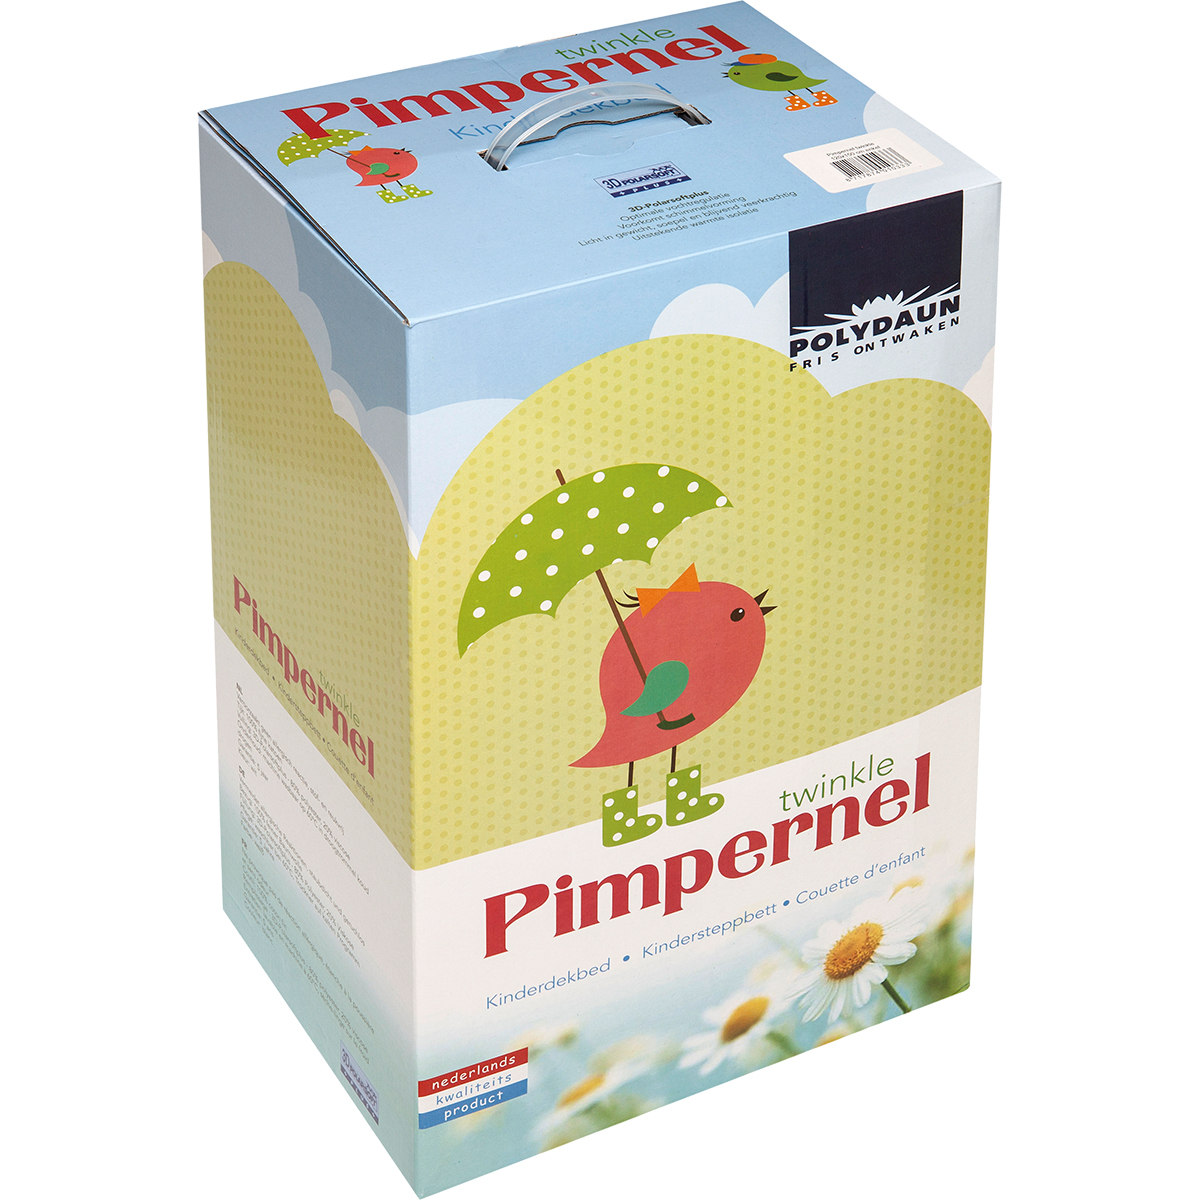 Verpakking Pimpernel Twinkle kinderdekbed